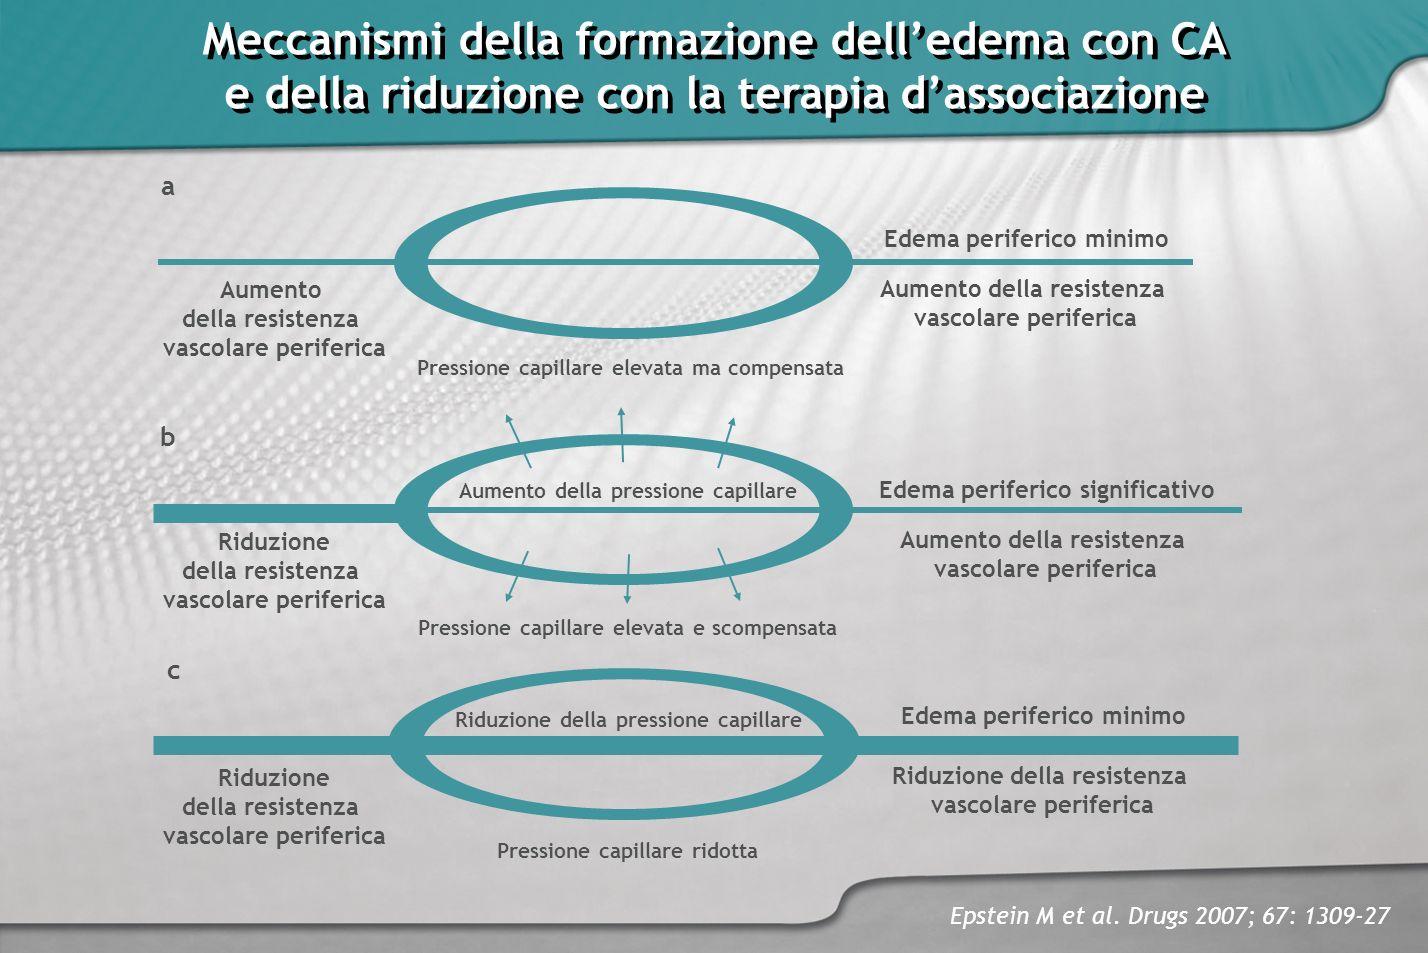 Meccanismi della formazione dell'edema con CA